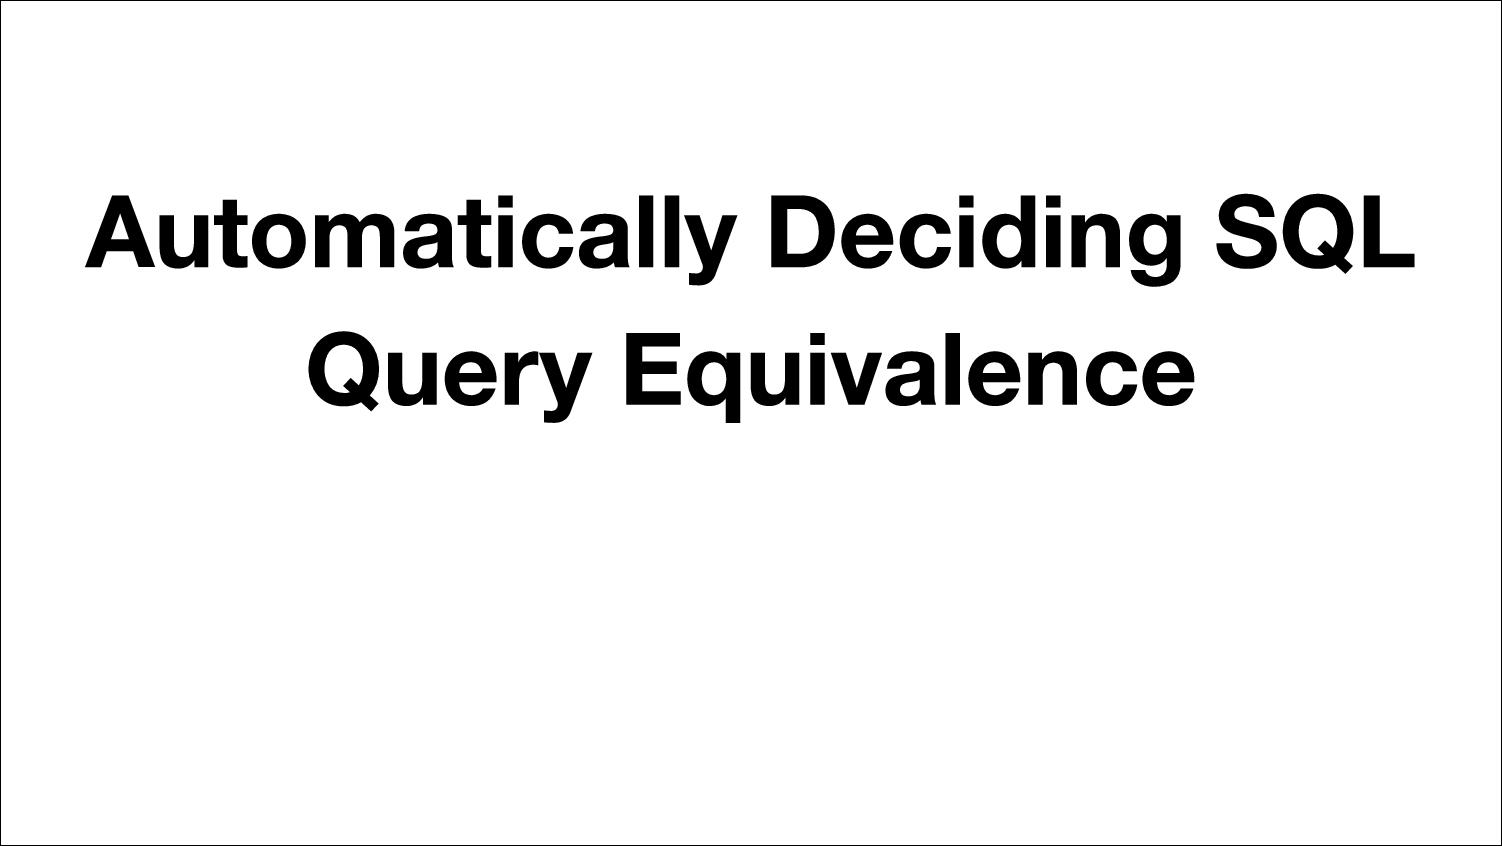 [PRESENTATION] Query Equivalence